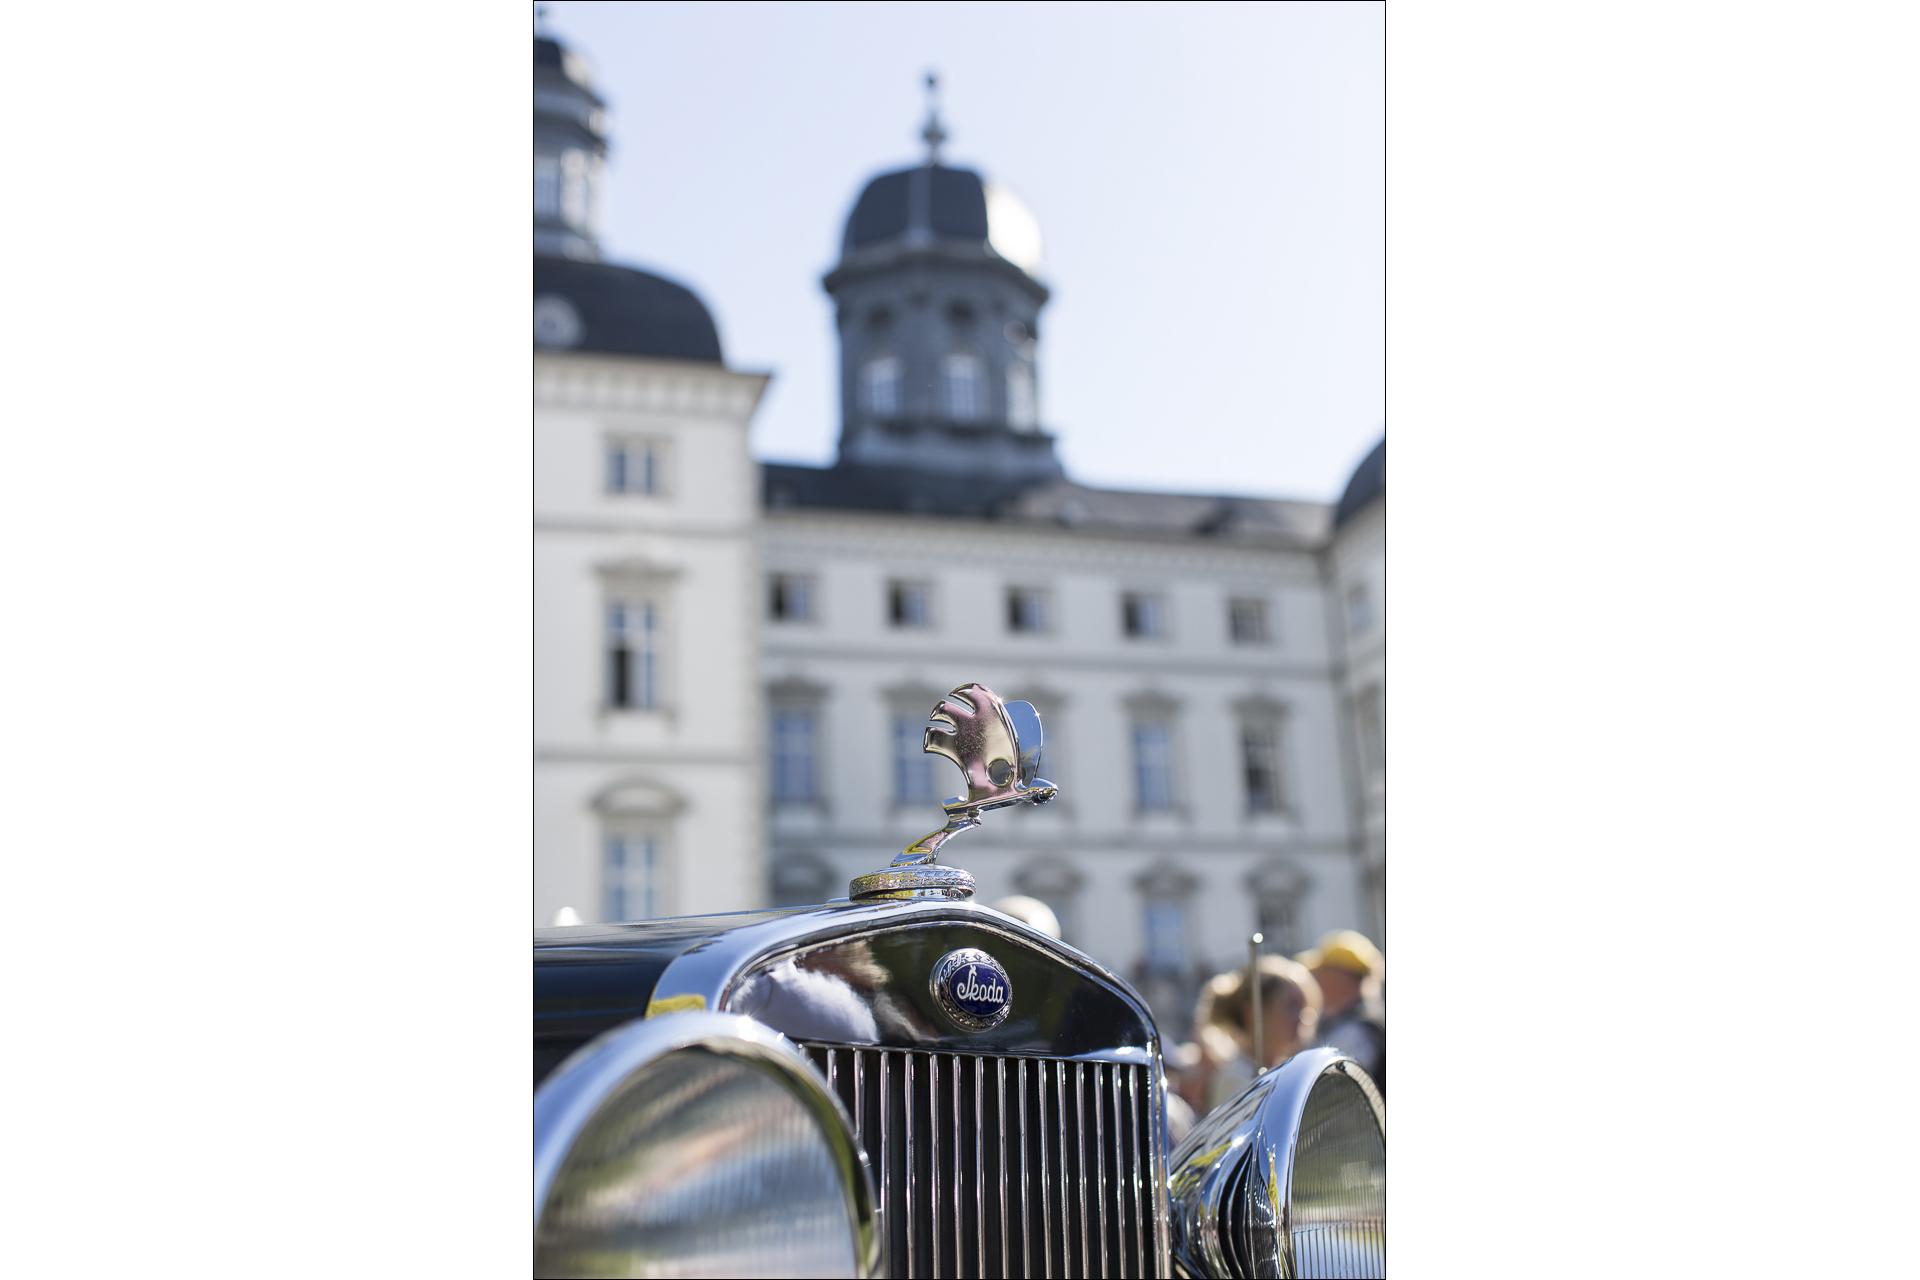 DEU, Bensberg, Schloss Bensberg Classics,09.09.2012